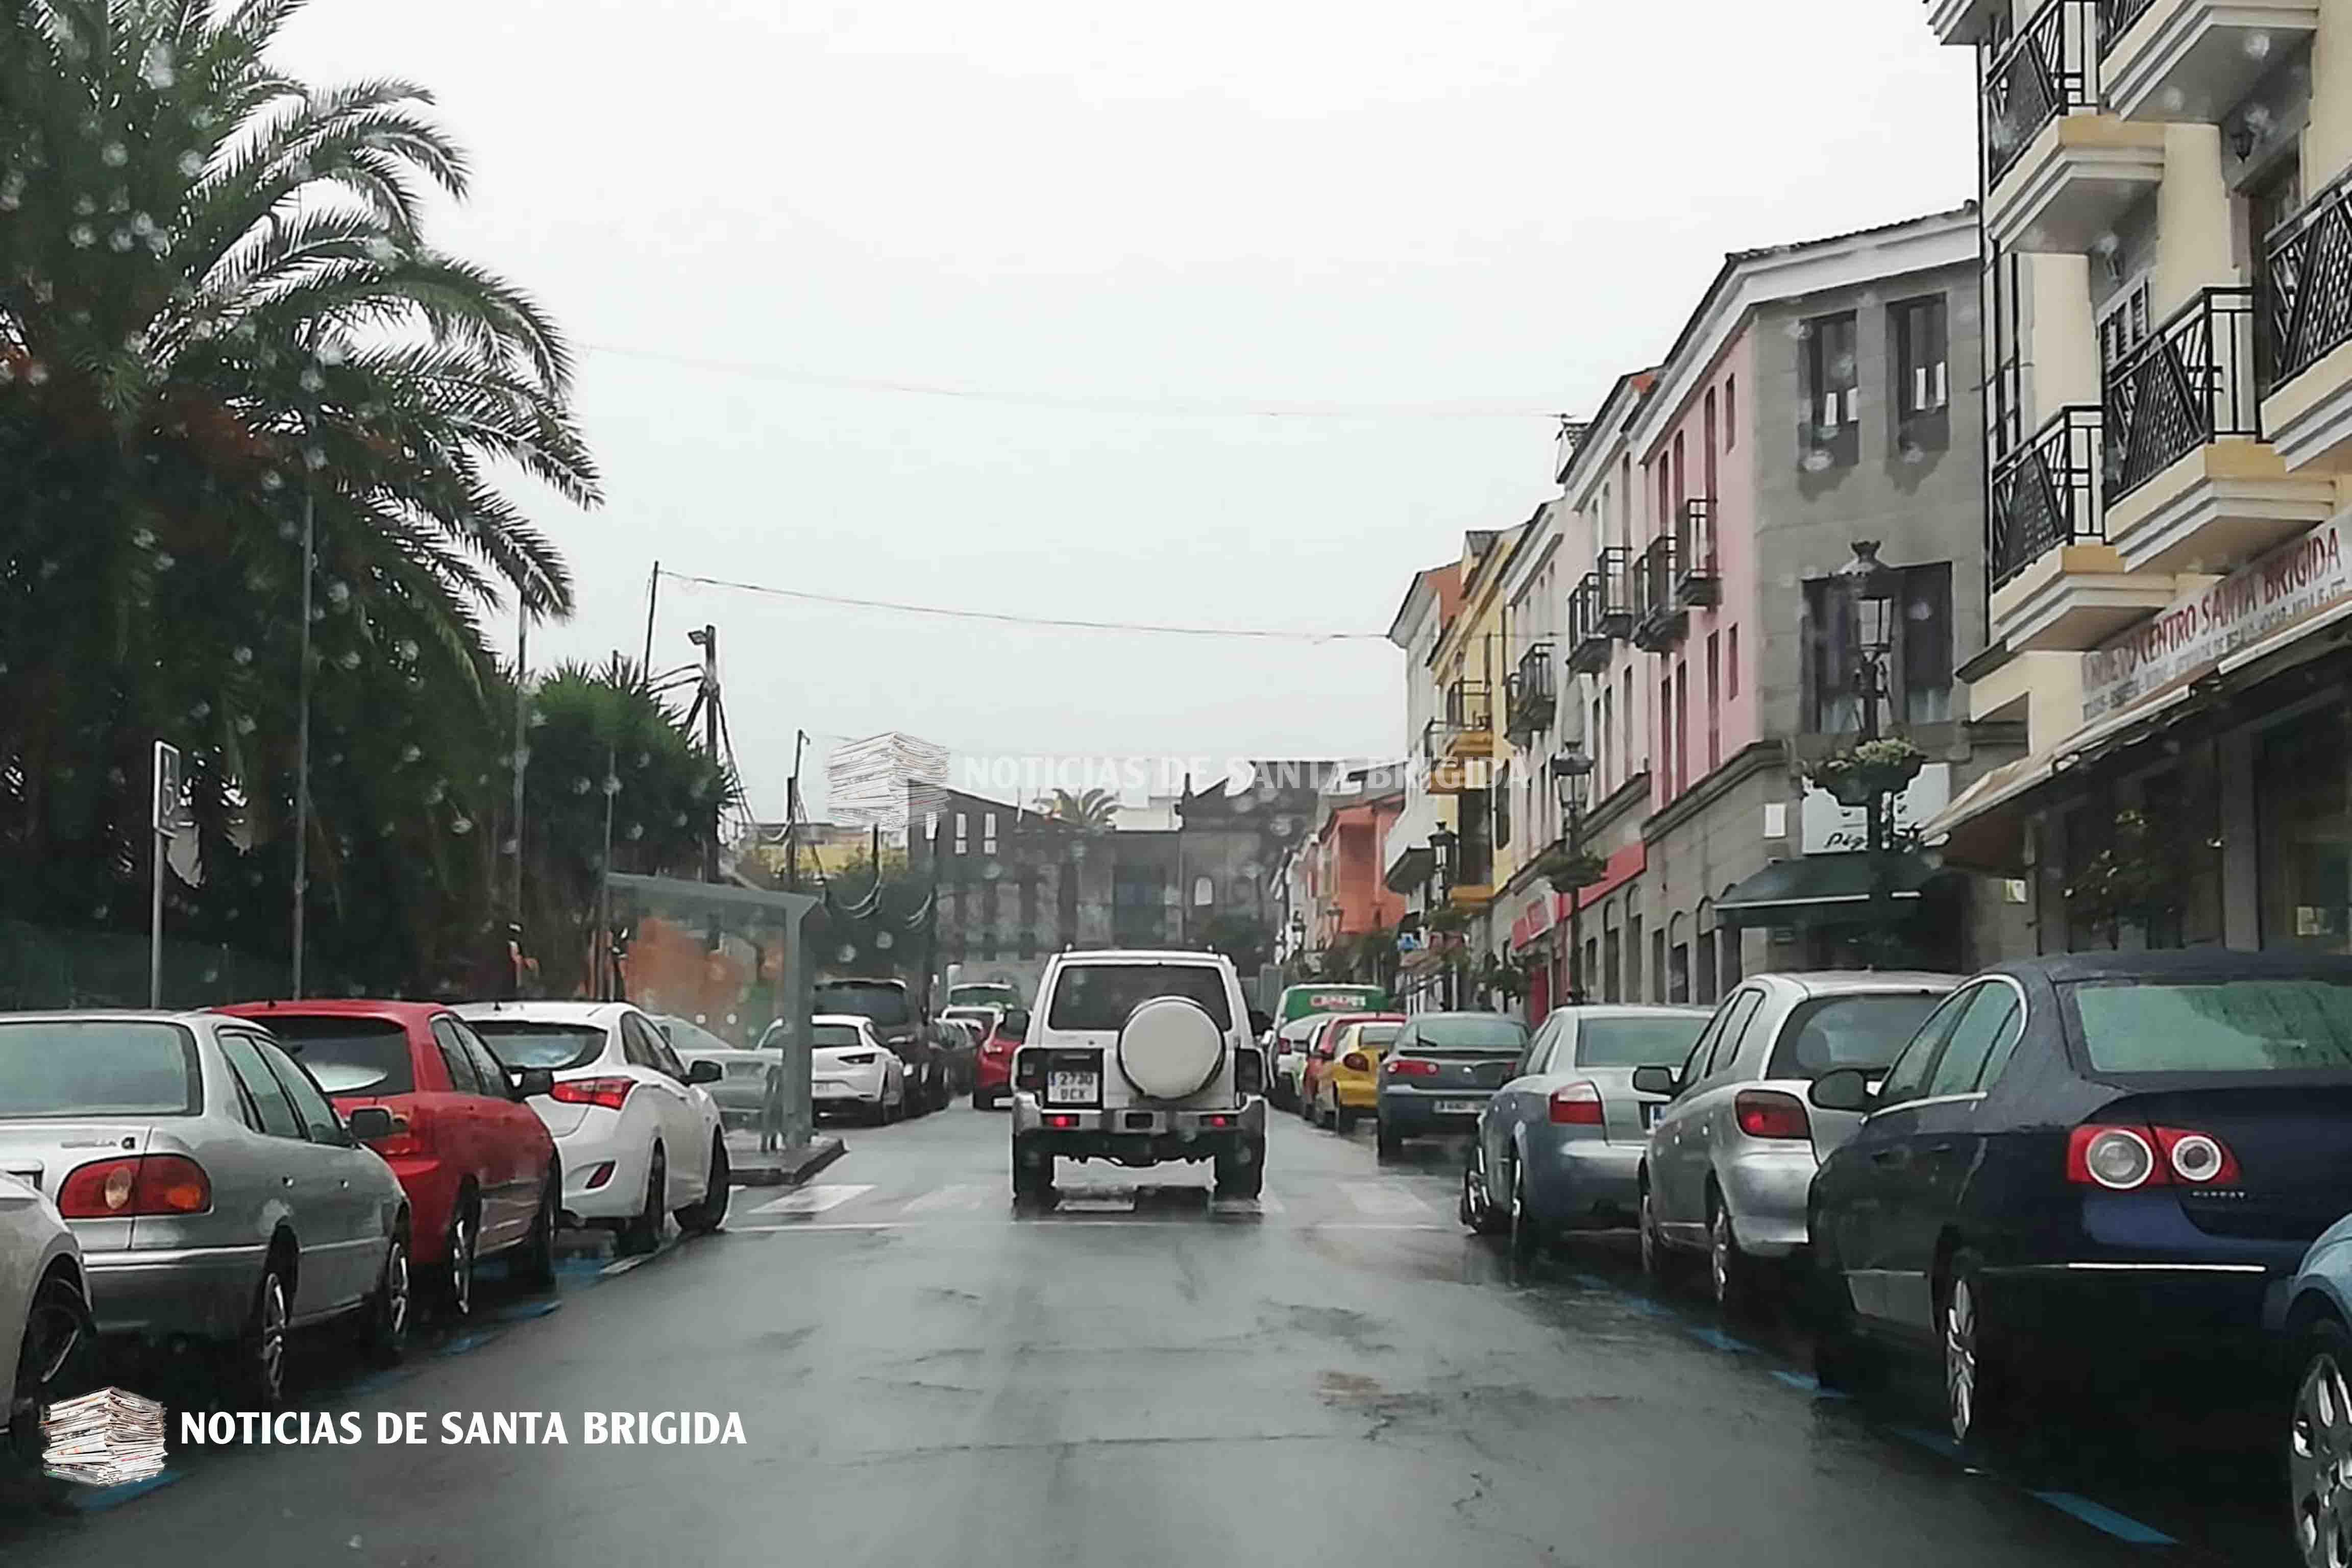 Llueve en Santa Brigida 18 de octubre de 2018 Foto Laura Miranda Noticias de Santa Brigida